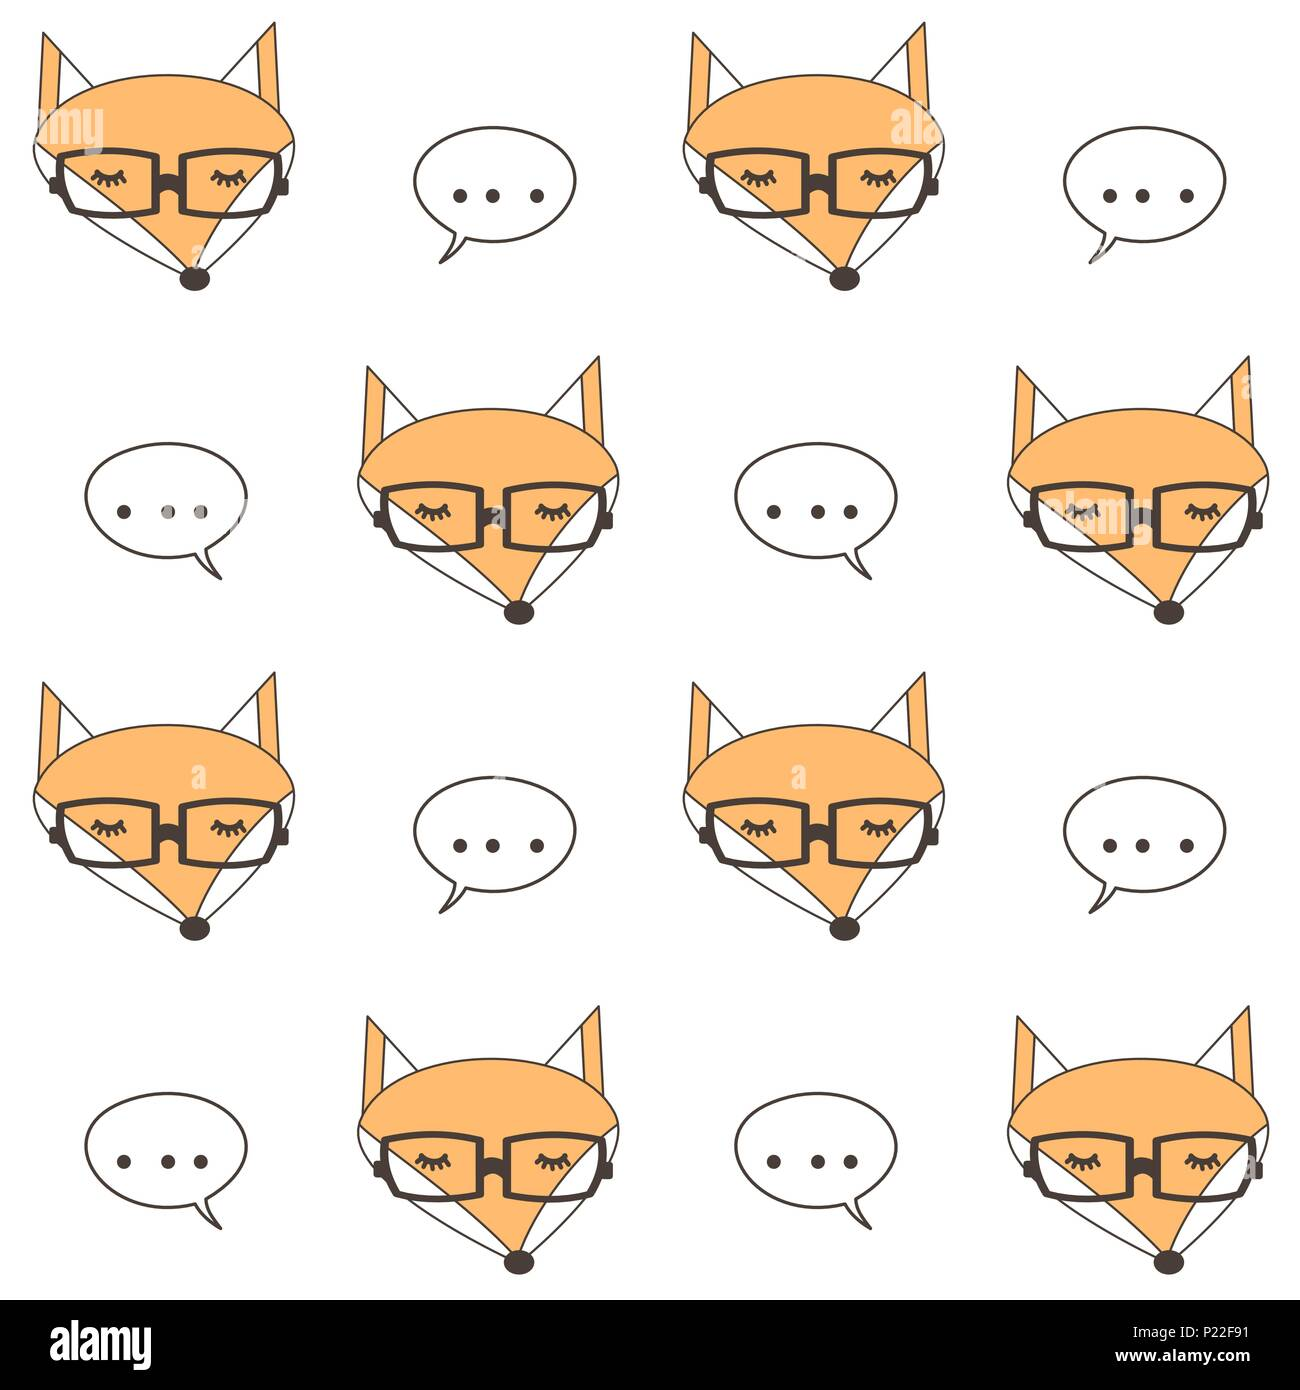 Cute cartoon fox face - photo#41